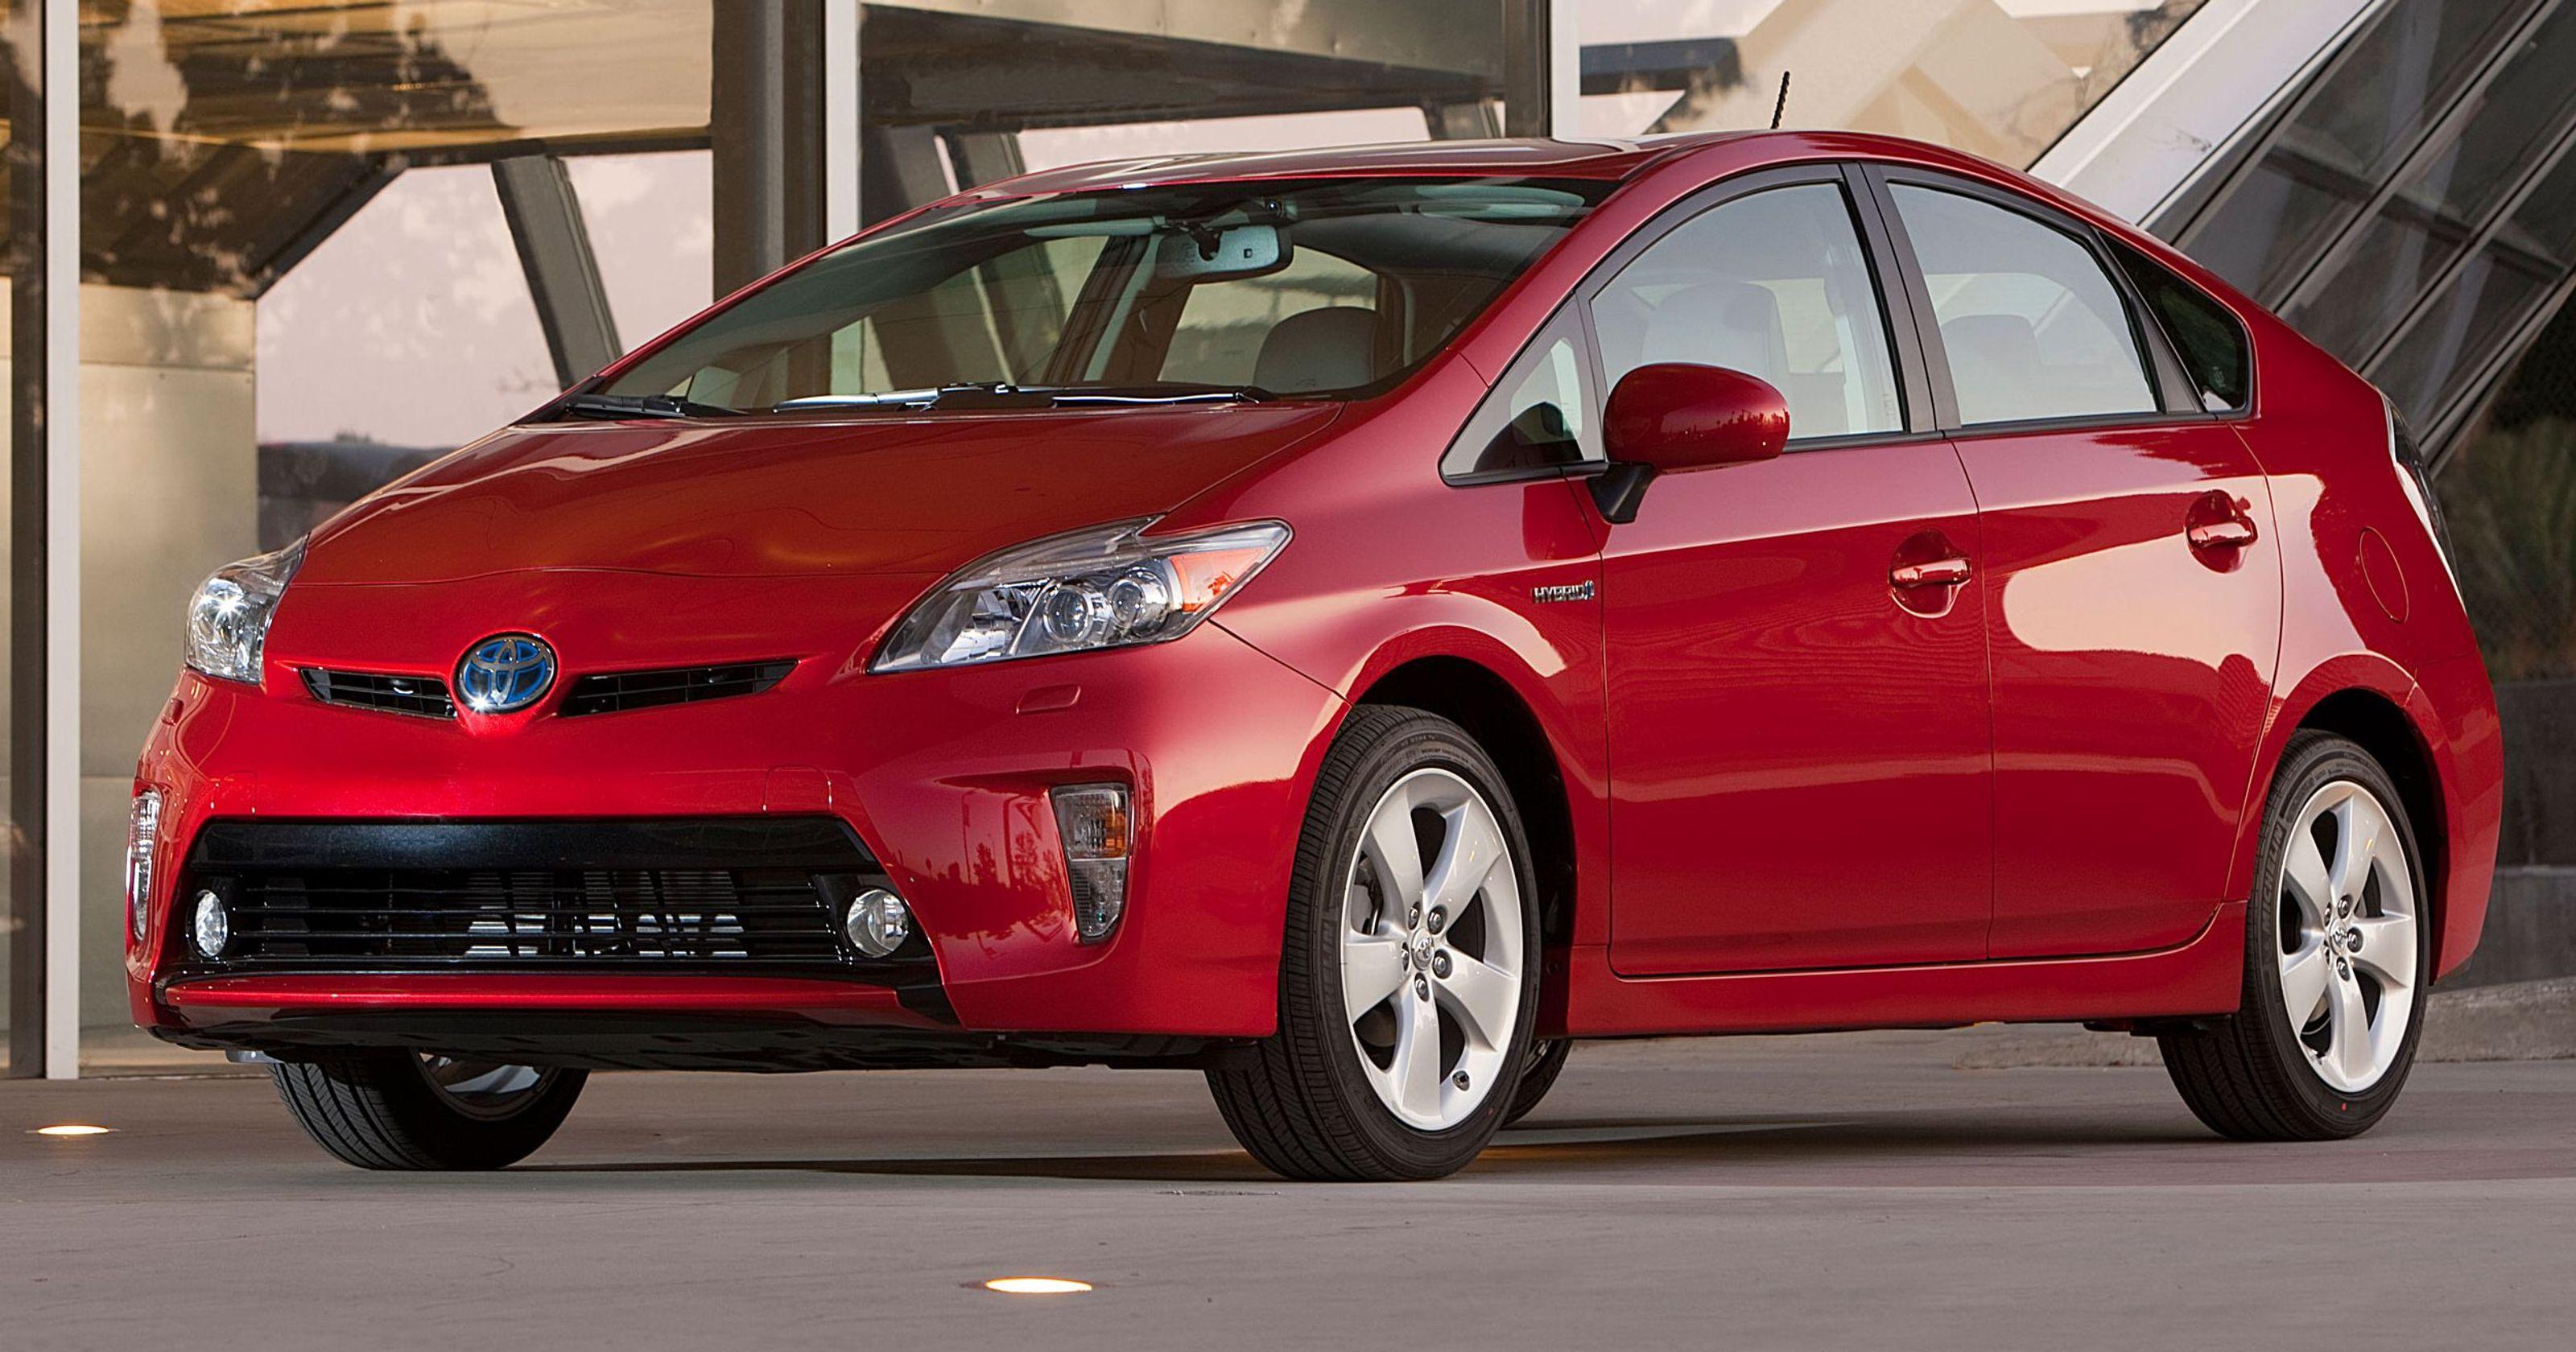 1393340199000-2012-Toyota-Prius-006